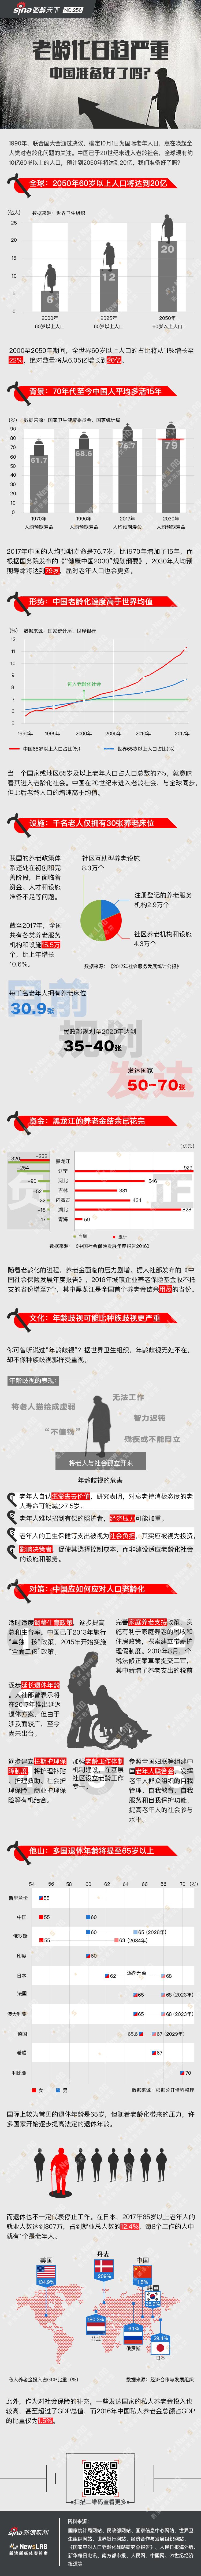 老龄化日趋严重,中国准备好了吗?